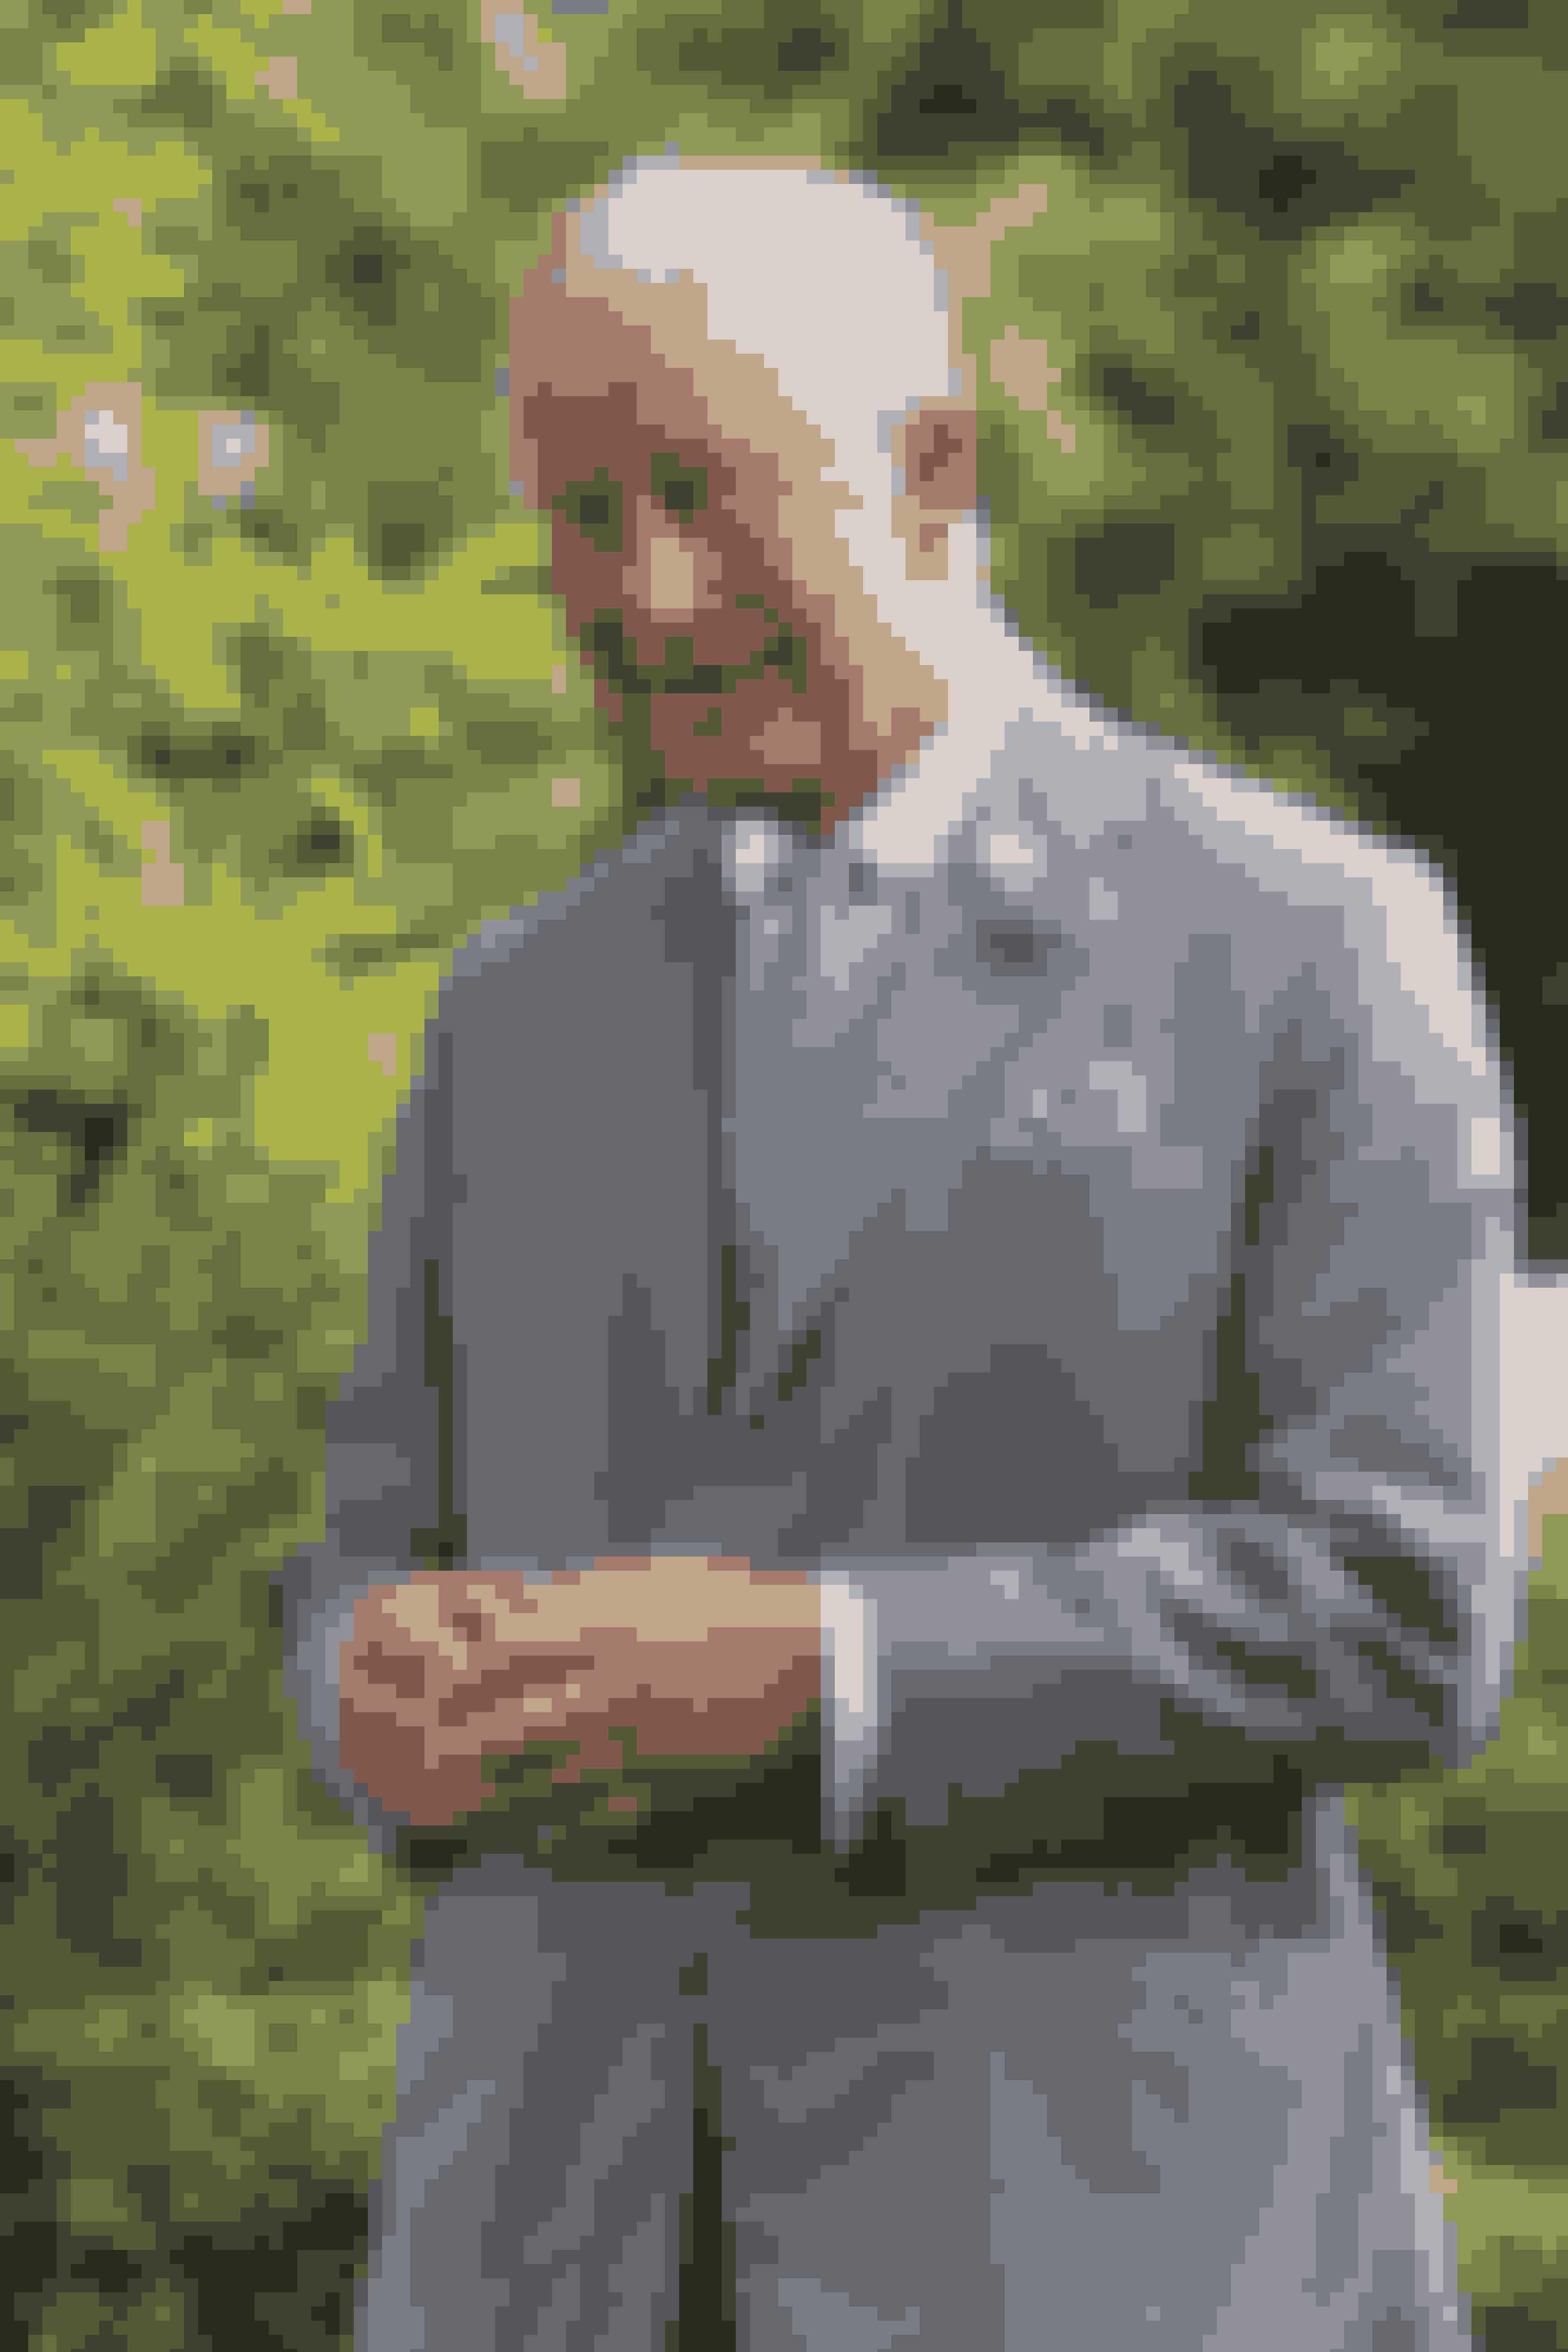 Prins Charles: 2,4 millarder kroner.Prins Charles er ifølge Wealth-x god for ca. 2,4 milliarder kroner. Den store pengesum som prins Charles råder over, er blandt andet takket være sin position som tronarving og som ejer af hertugdømmet Cornwall.